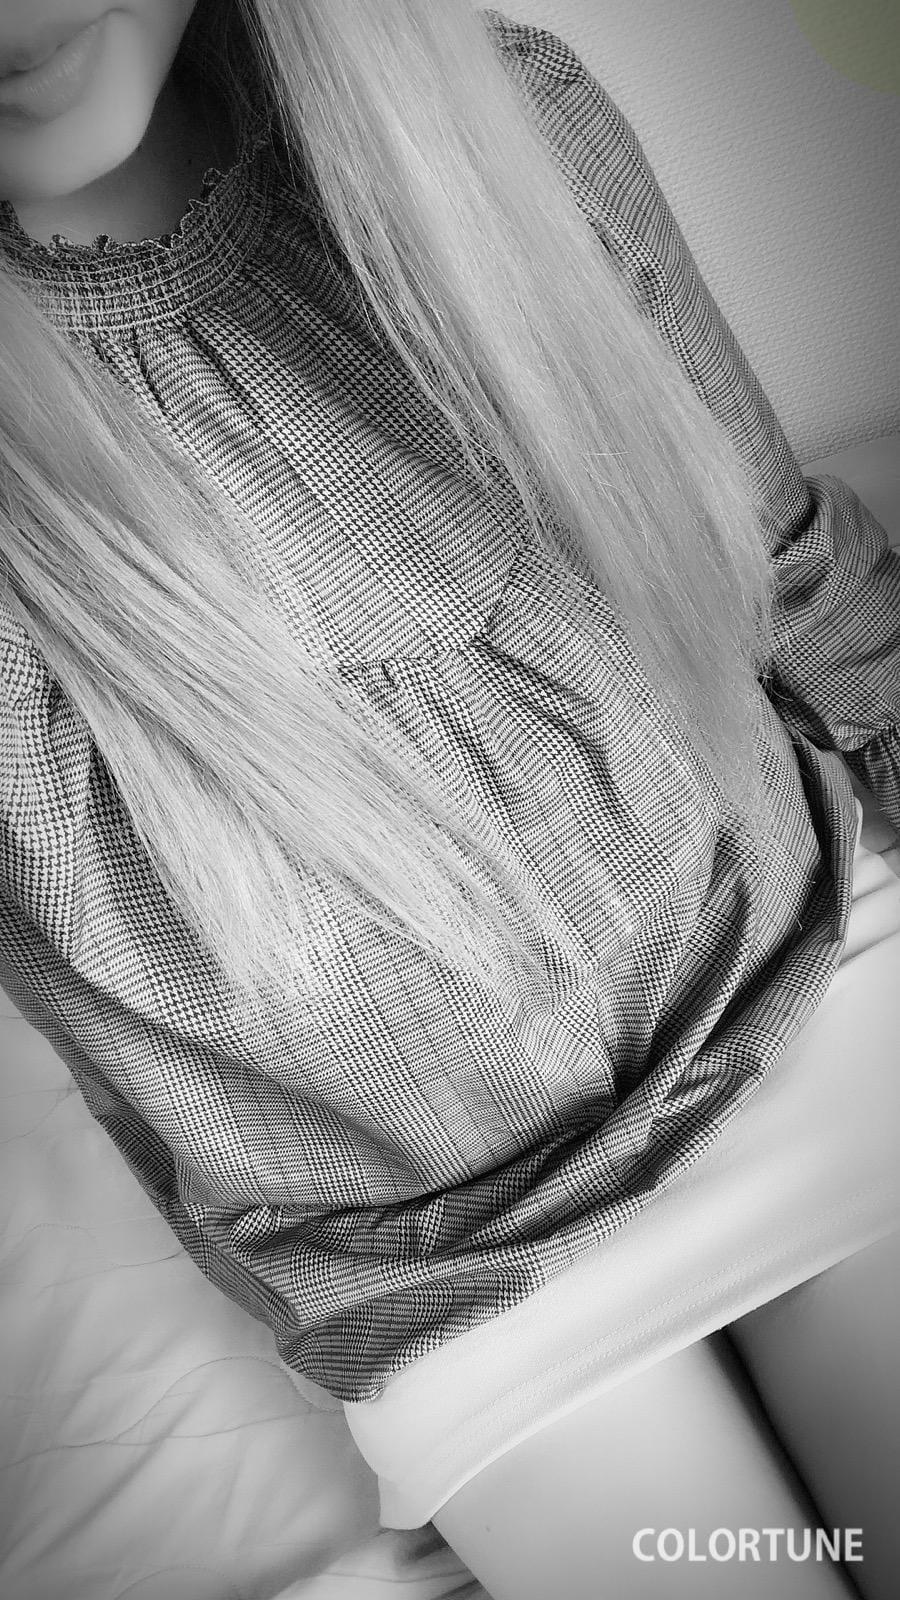 「こんにちは♡」03/22(03/22) 12:13 | ゆいかの写メ・風俗動画